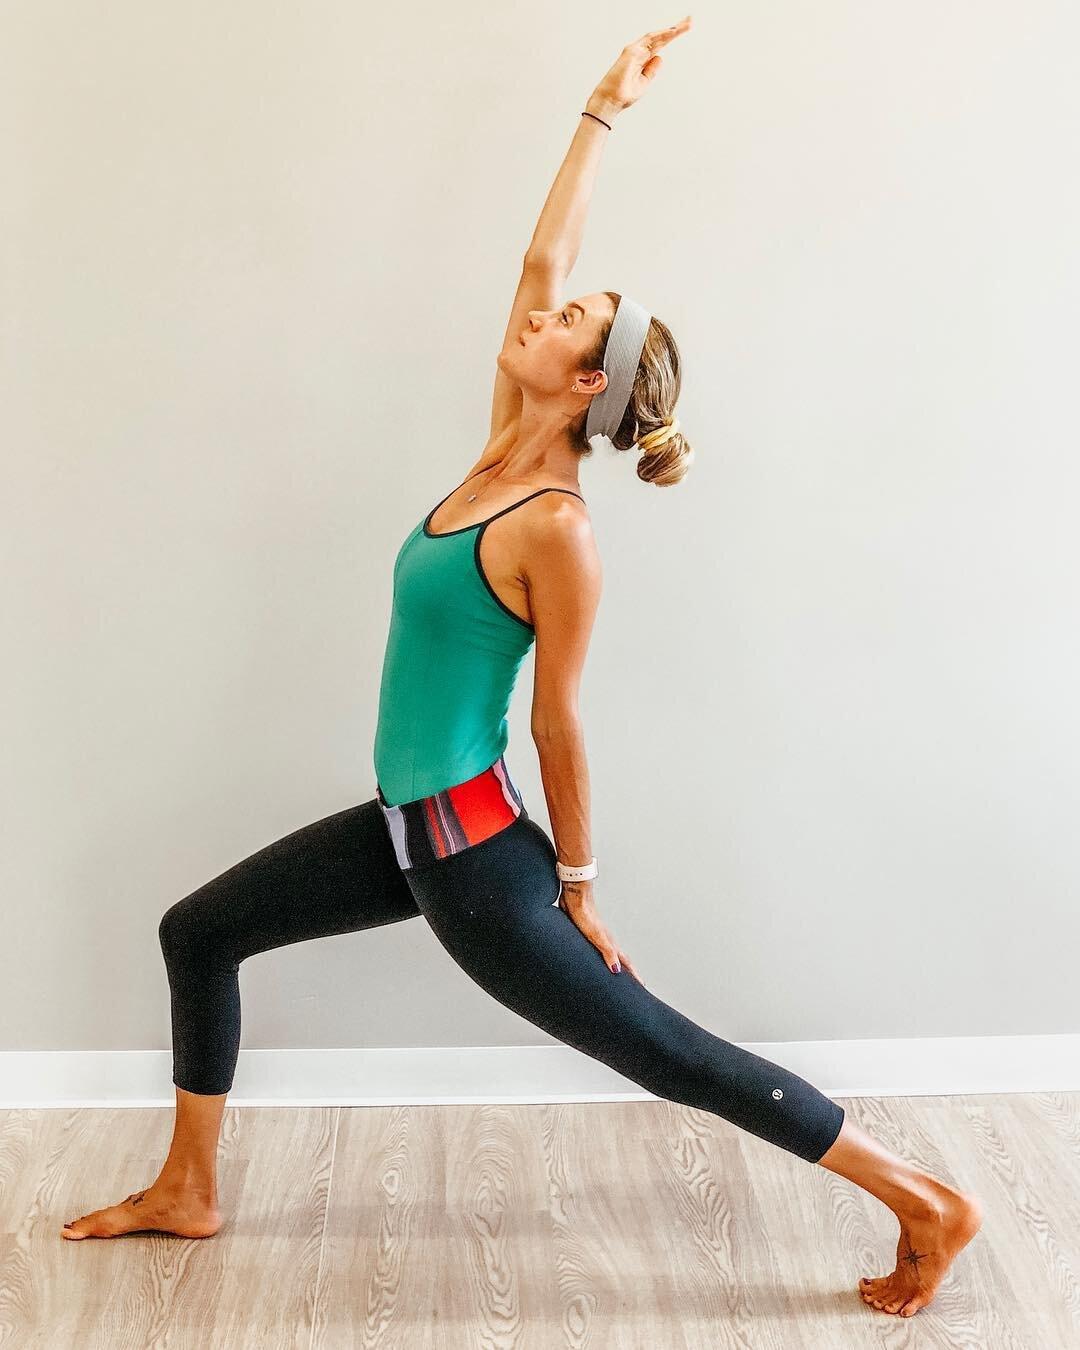 Grow Yoga Nj : Means, Curtis, Wellness